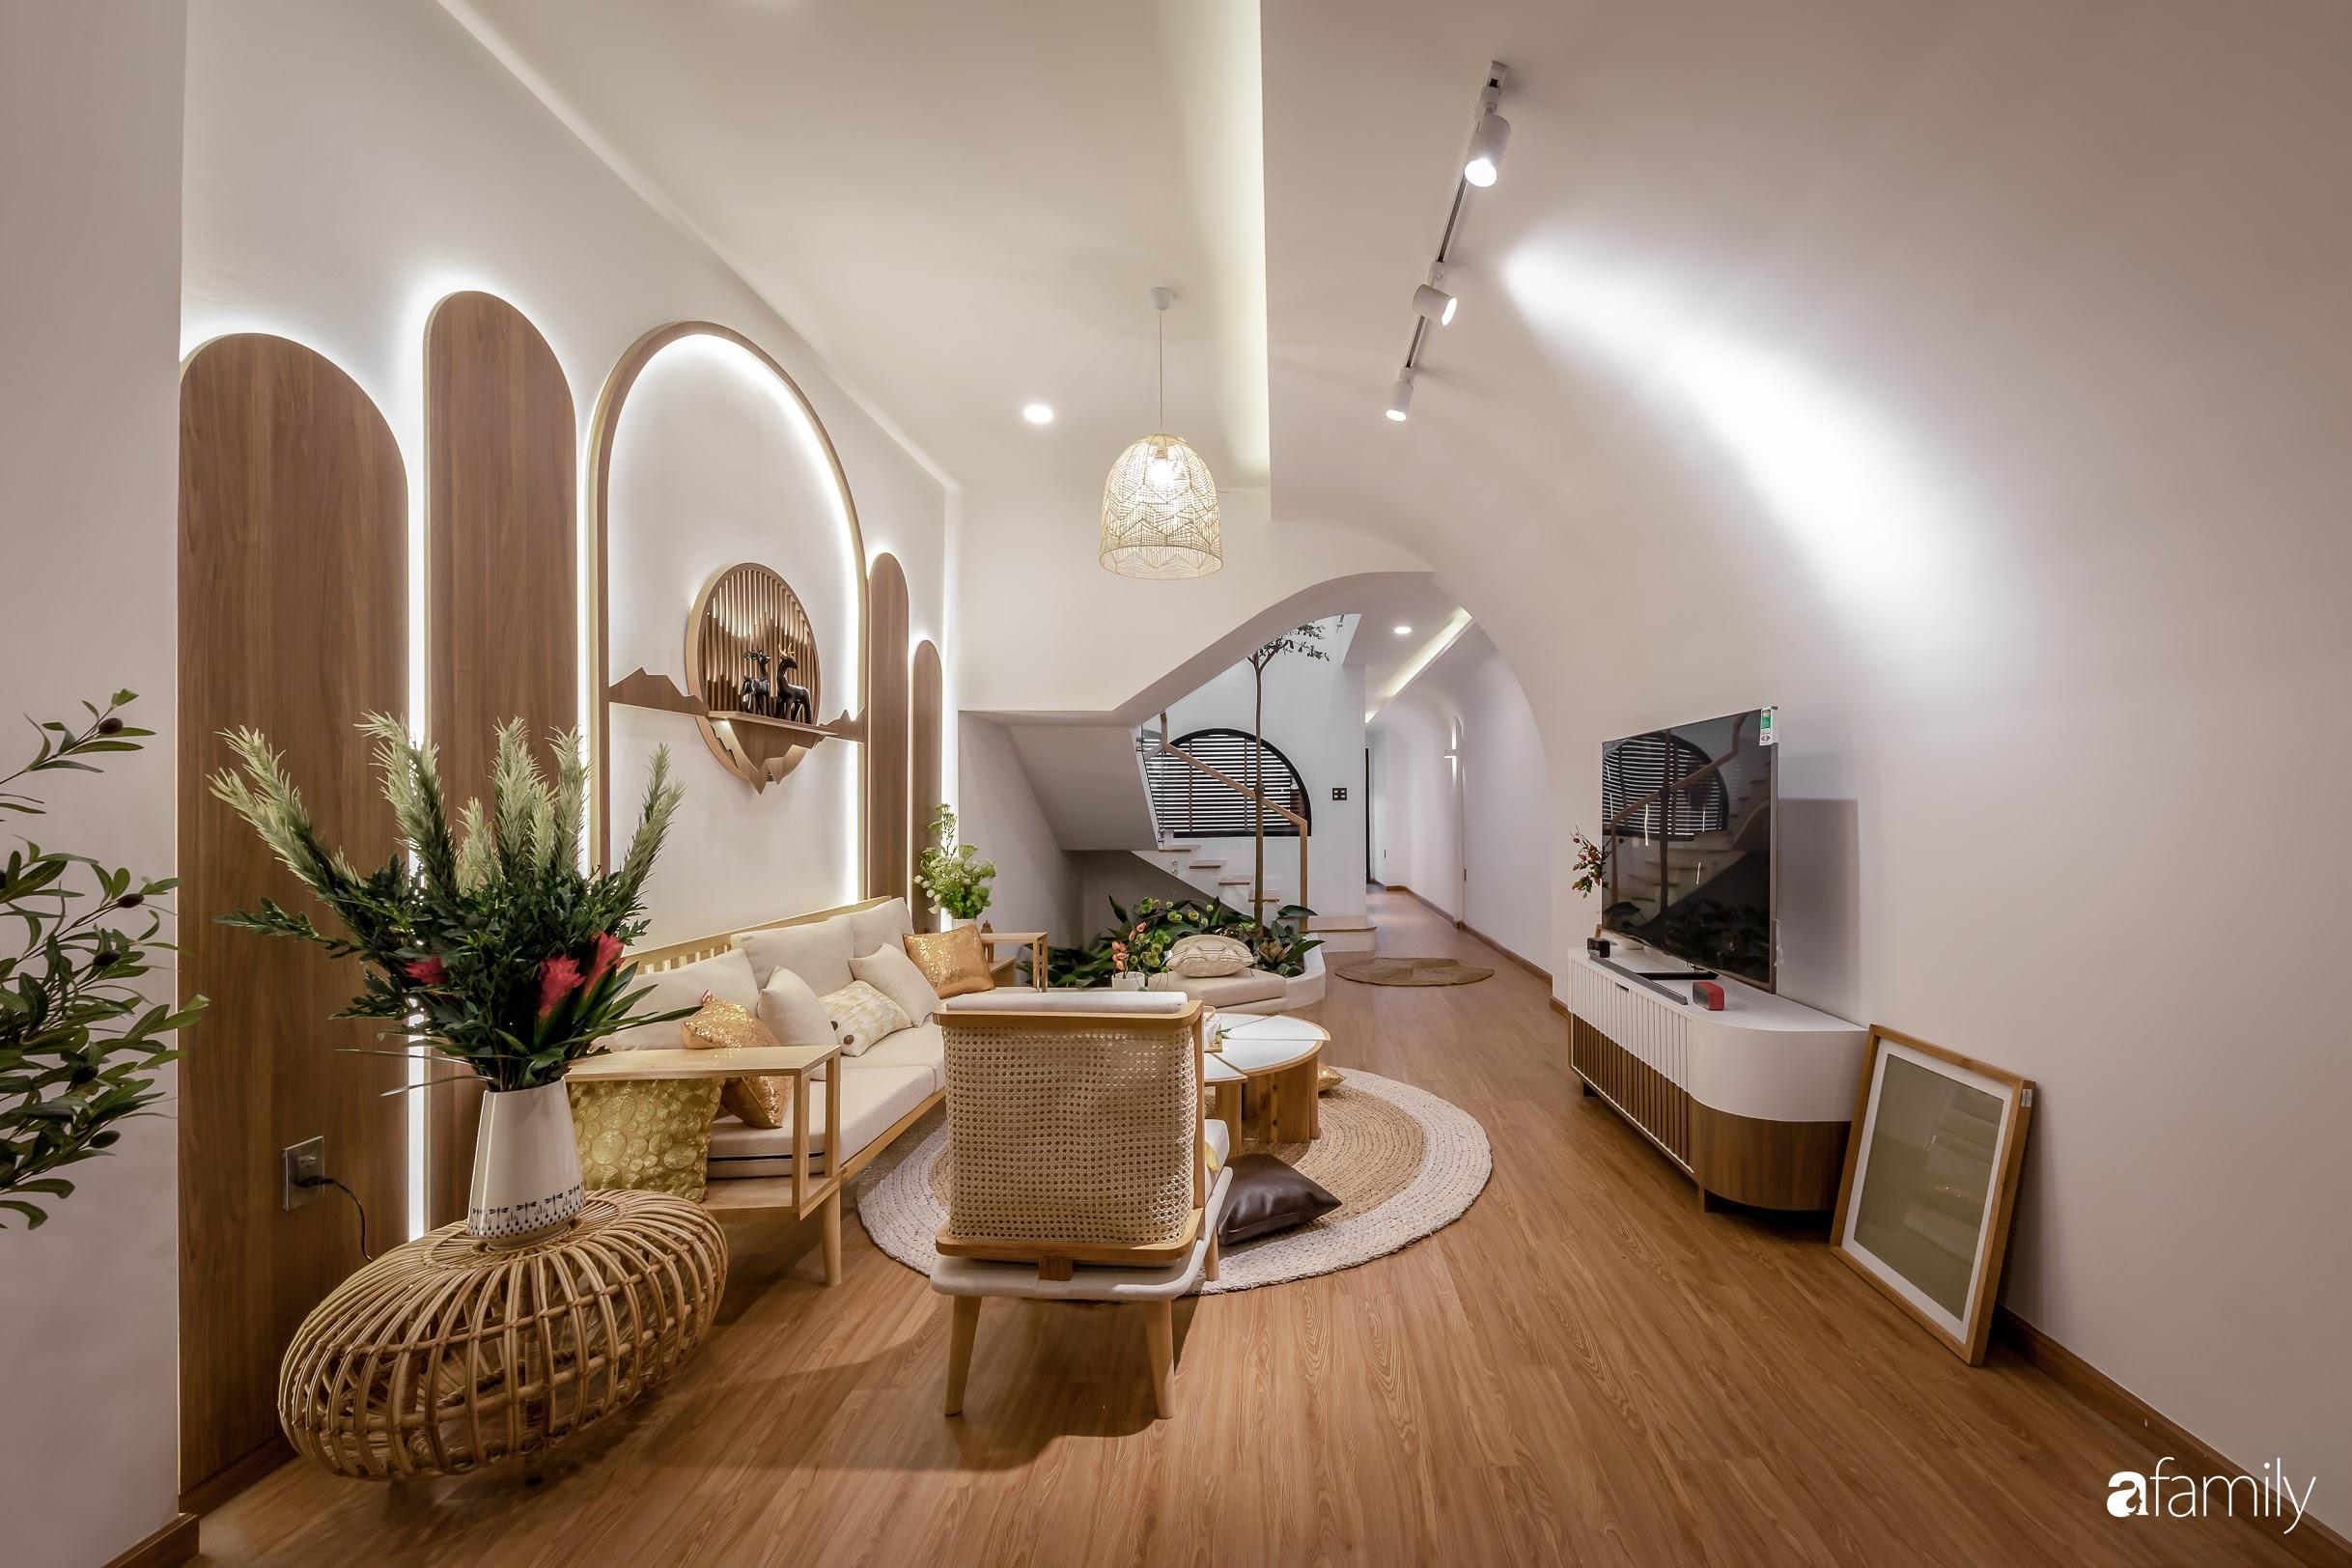 Nhà phố Tiền Giang đẹp hài hòa với thiết kế hiện đại, bố trí nội thất thông minh với chi phí 1,8 tỉ đồng - Ảnh 20.